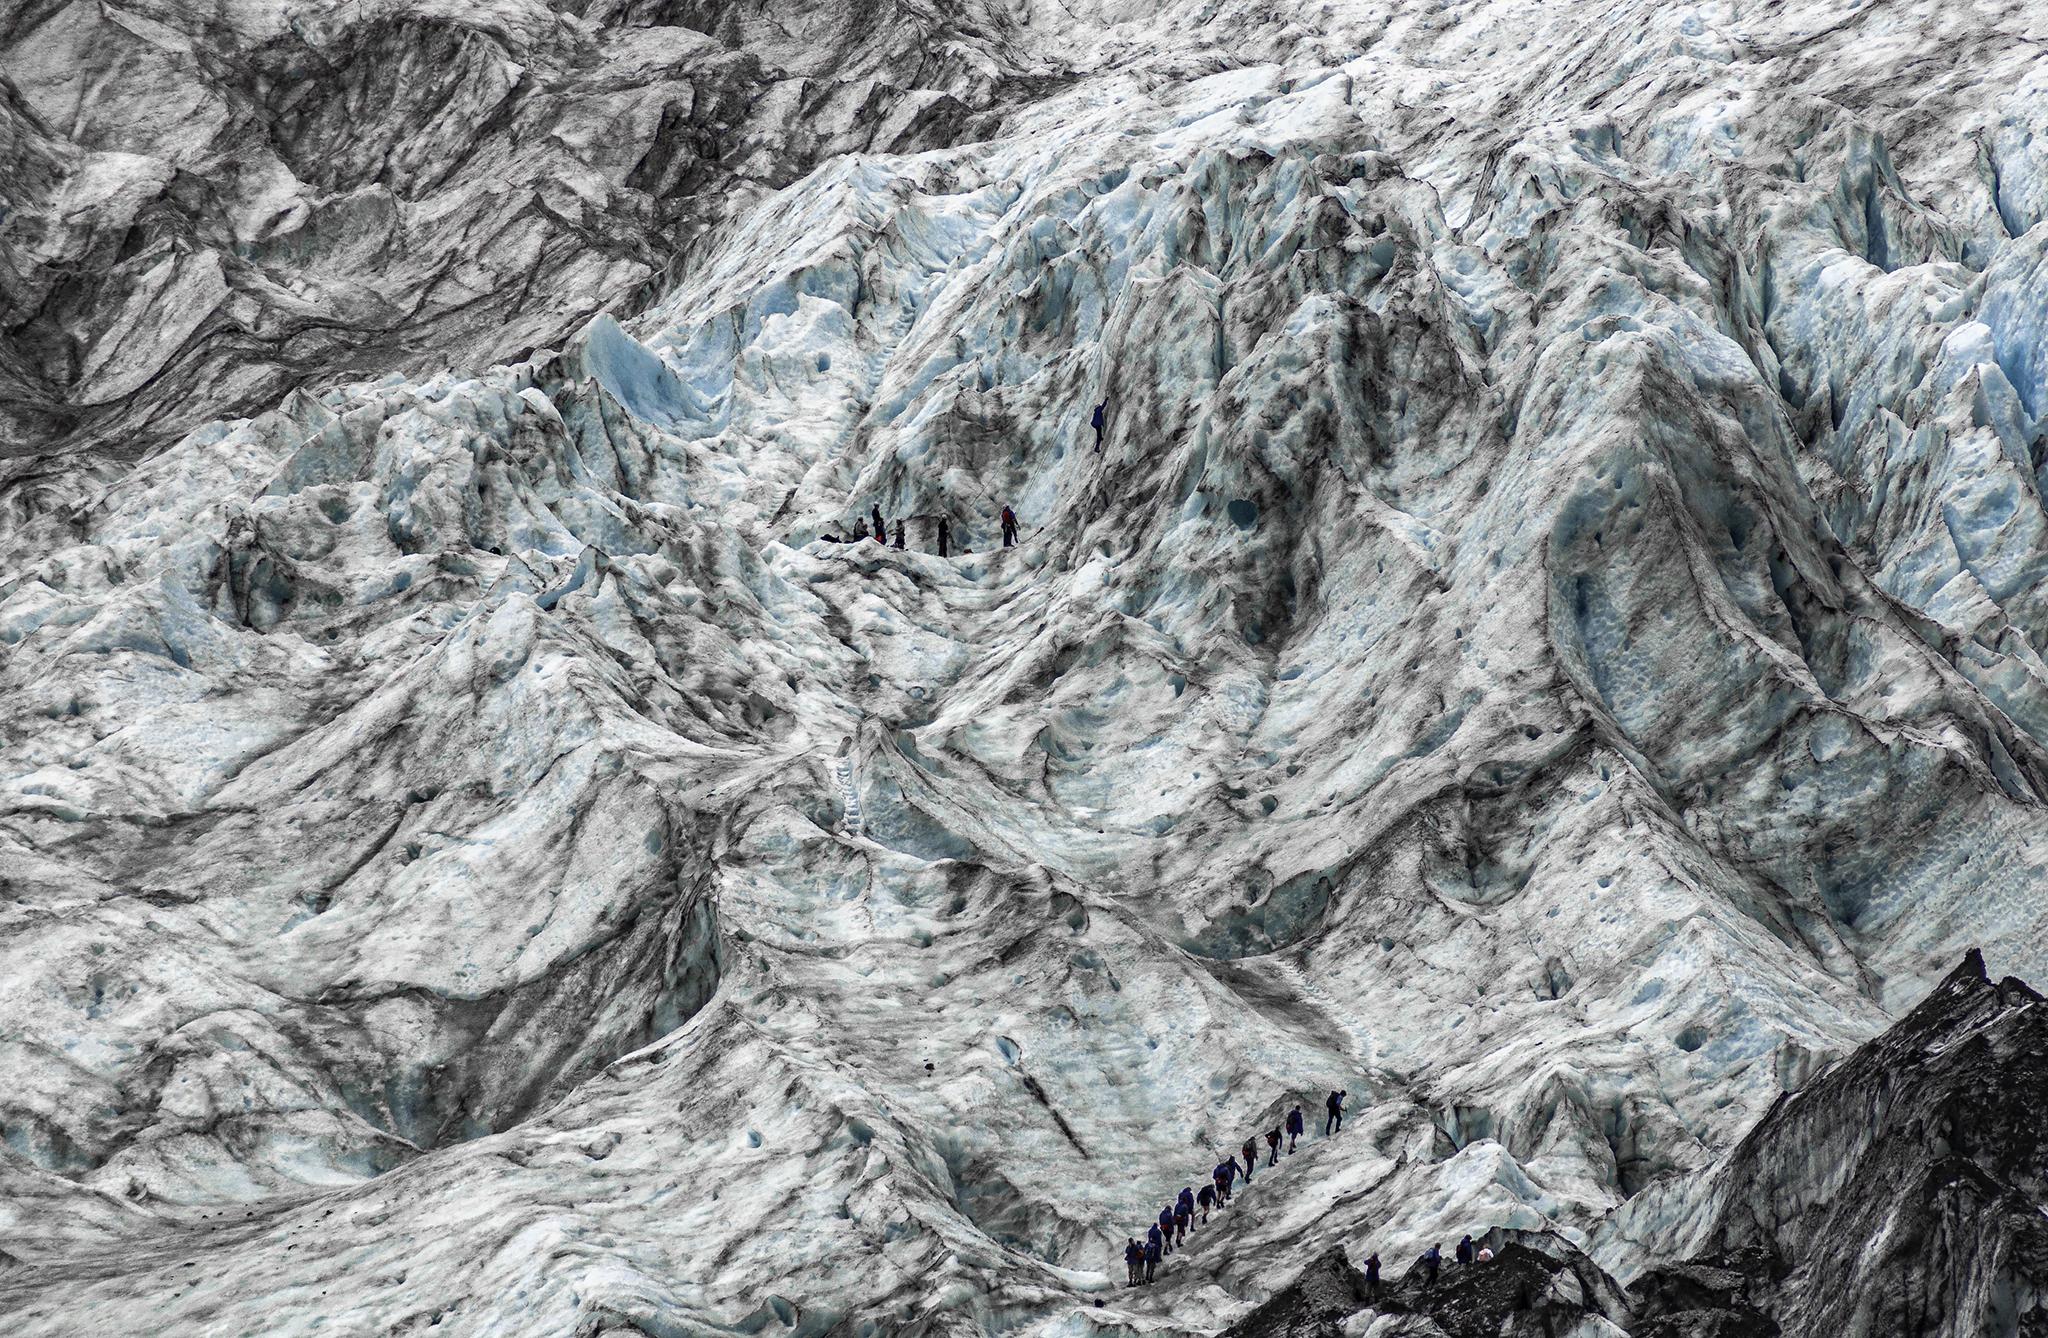 Franz Josef Glacier, New Zealand, New Zealand